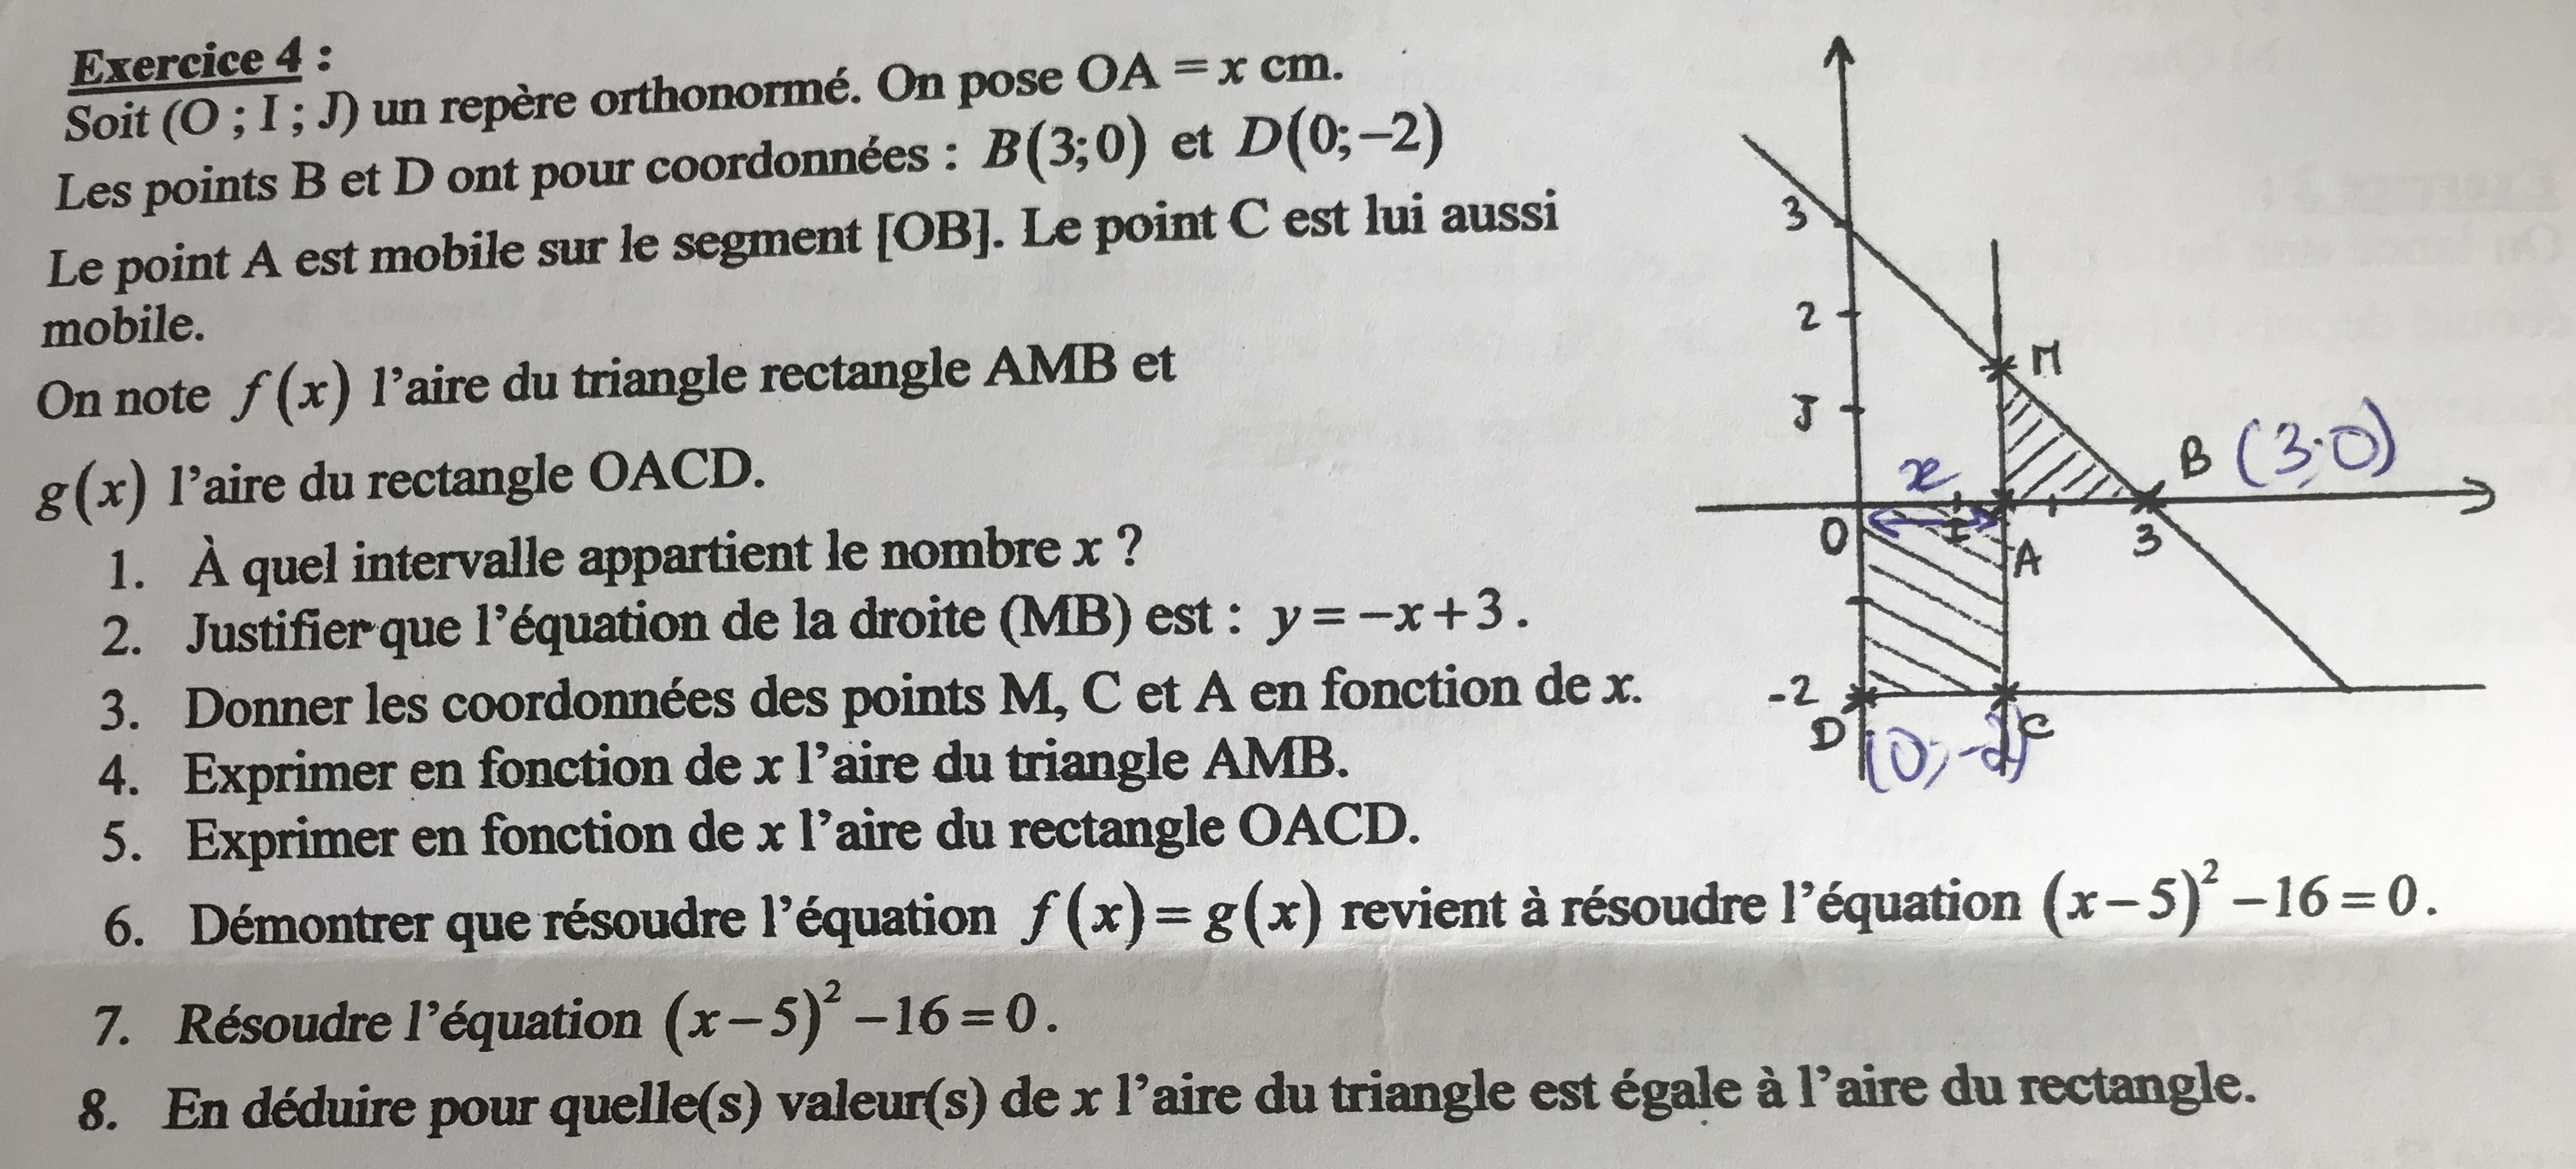 Bonjour Pouvez Vous M Aider Pour Cet Exercice De Maths Sur Les Polynomes Du Second Degre Je Suis Nosdevoirs Fr